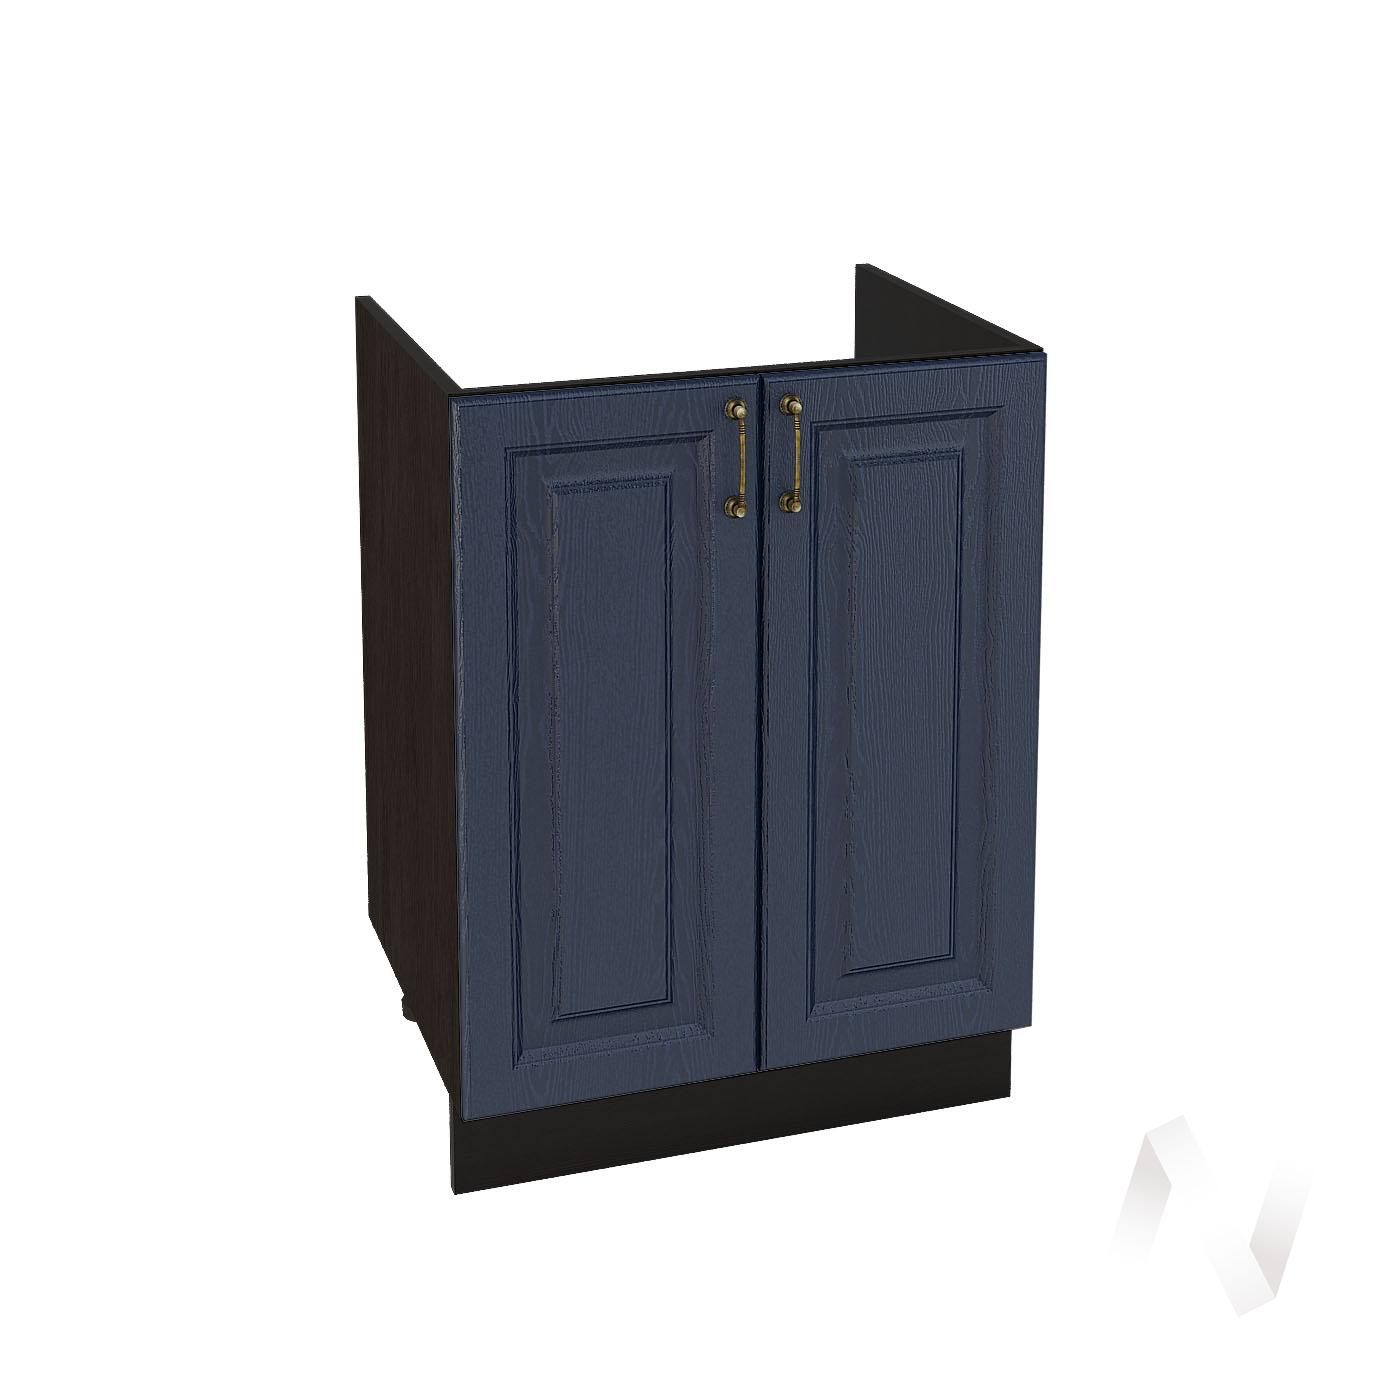 """Кухня """"Ницца"""": Шкаф нижний под мойку 600, ШНМ 600 новый (Дуб чернильный/корпус венге)"""